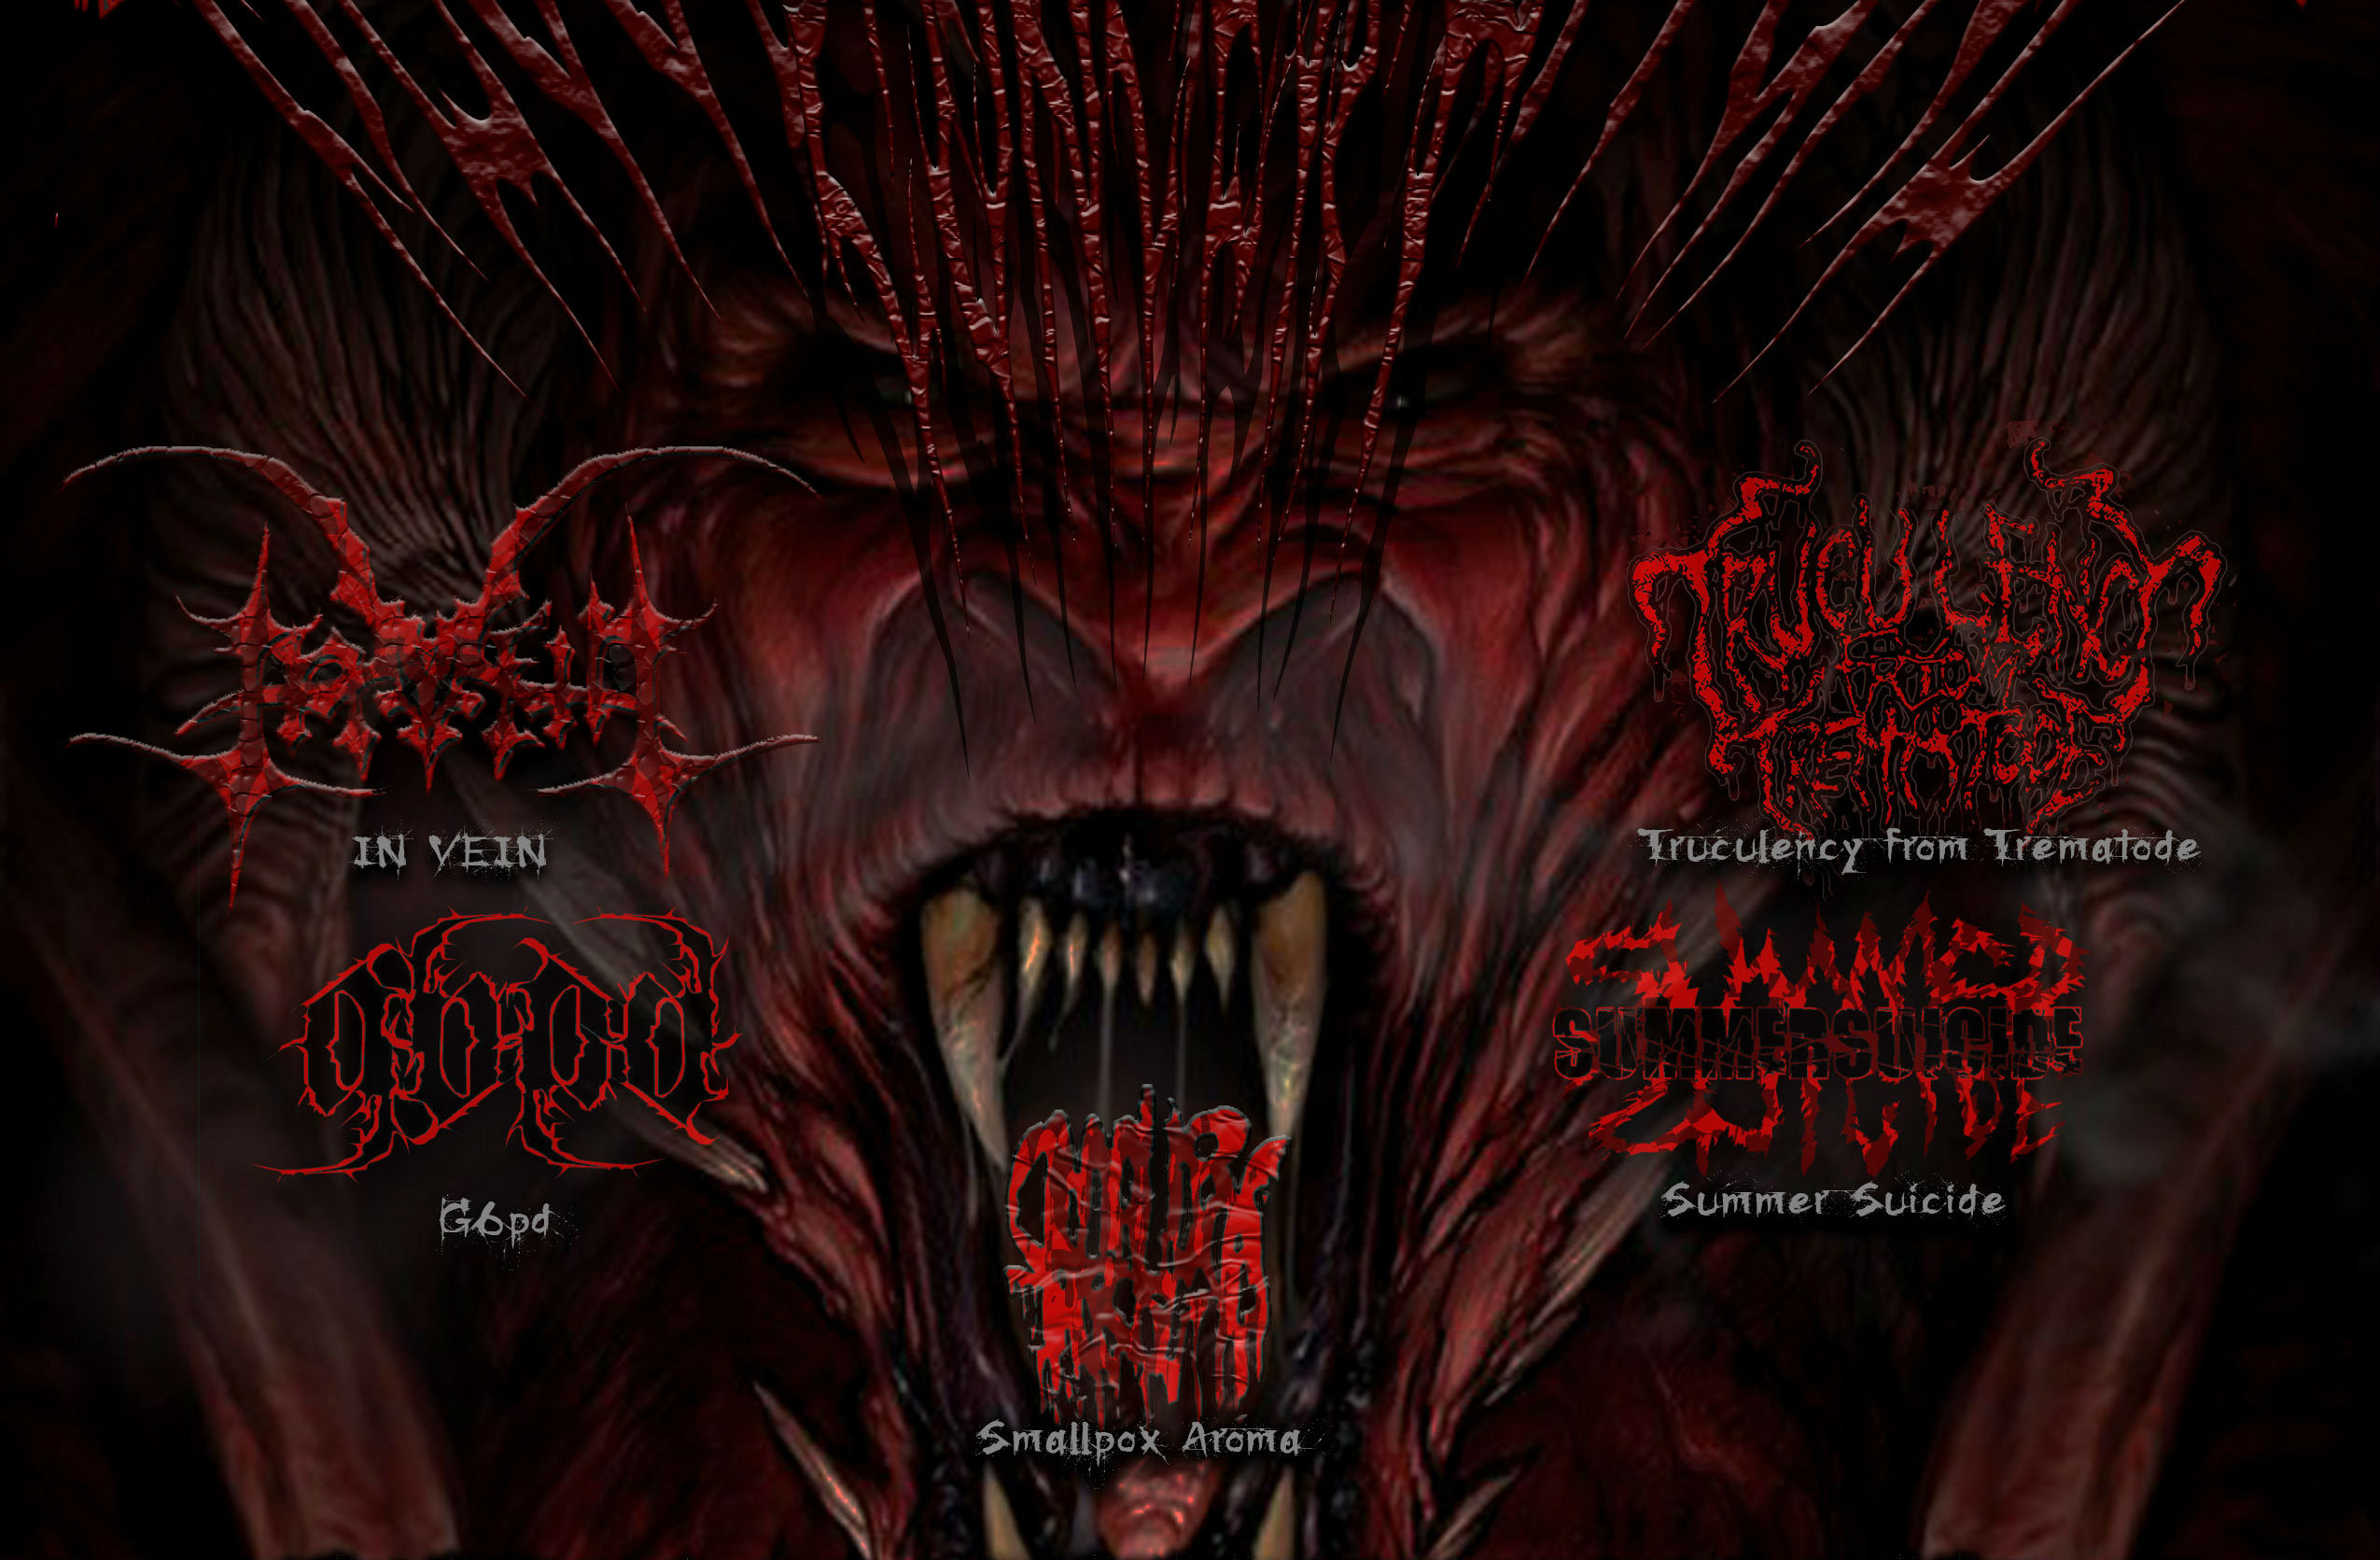 BLOODBATH Death Metal Heavy Hq Wallpaper  2550x1671